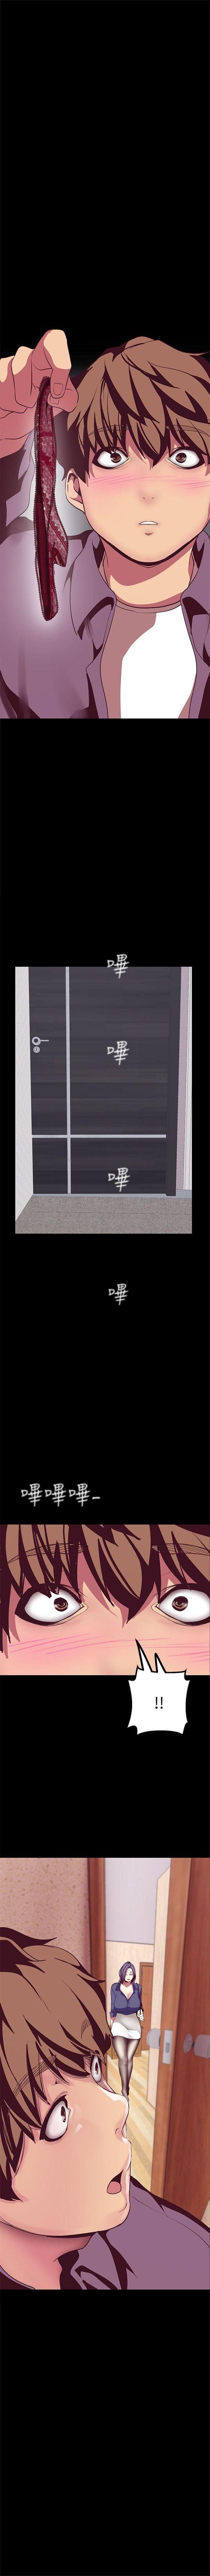 (周6)美丽新世界 1-61 中文翻译 (更新中) 142